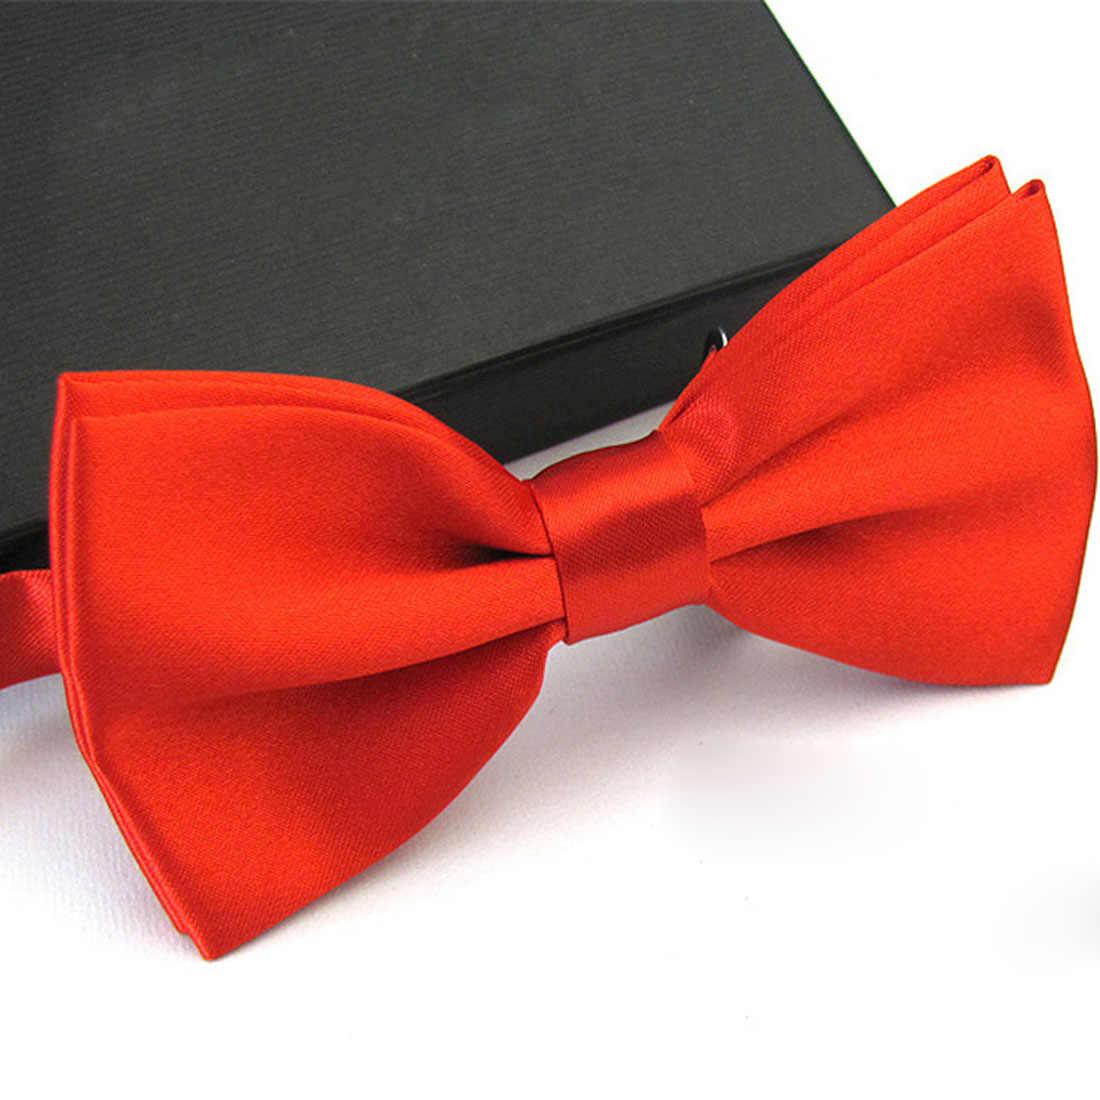 Sıcak satış 1 adet beyefendi erkek klasik saten papyon kravat düğün parti için ayarlanabilir erkek kelebek papyon düğüm adam için hediyeler